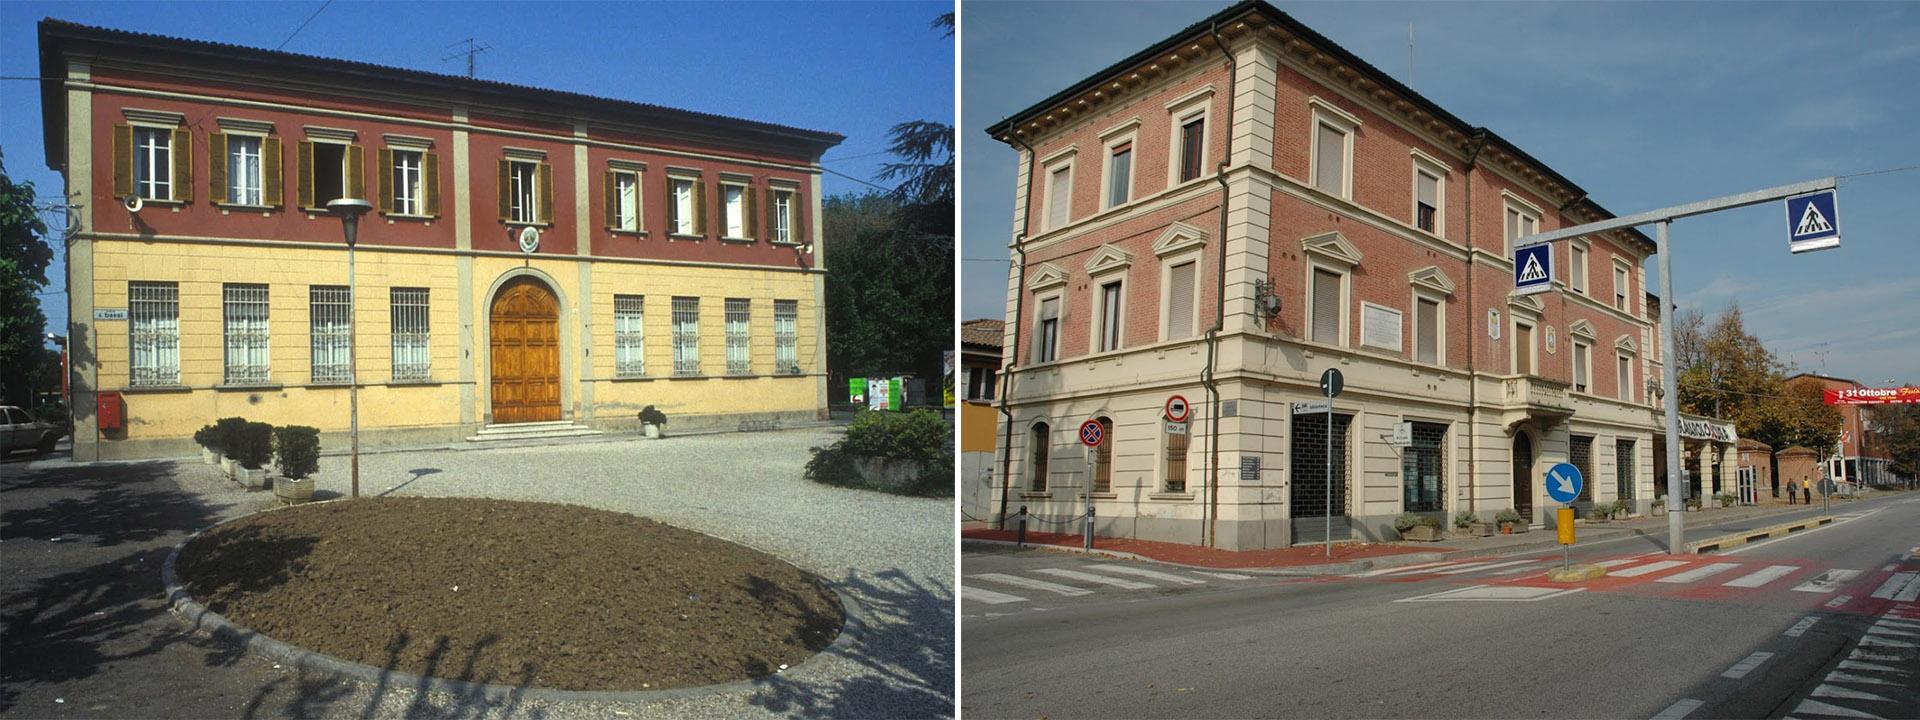 Comune Di Granarolo Dell Emilia portale - fusione dei comuni di granarolo dell'emilia e